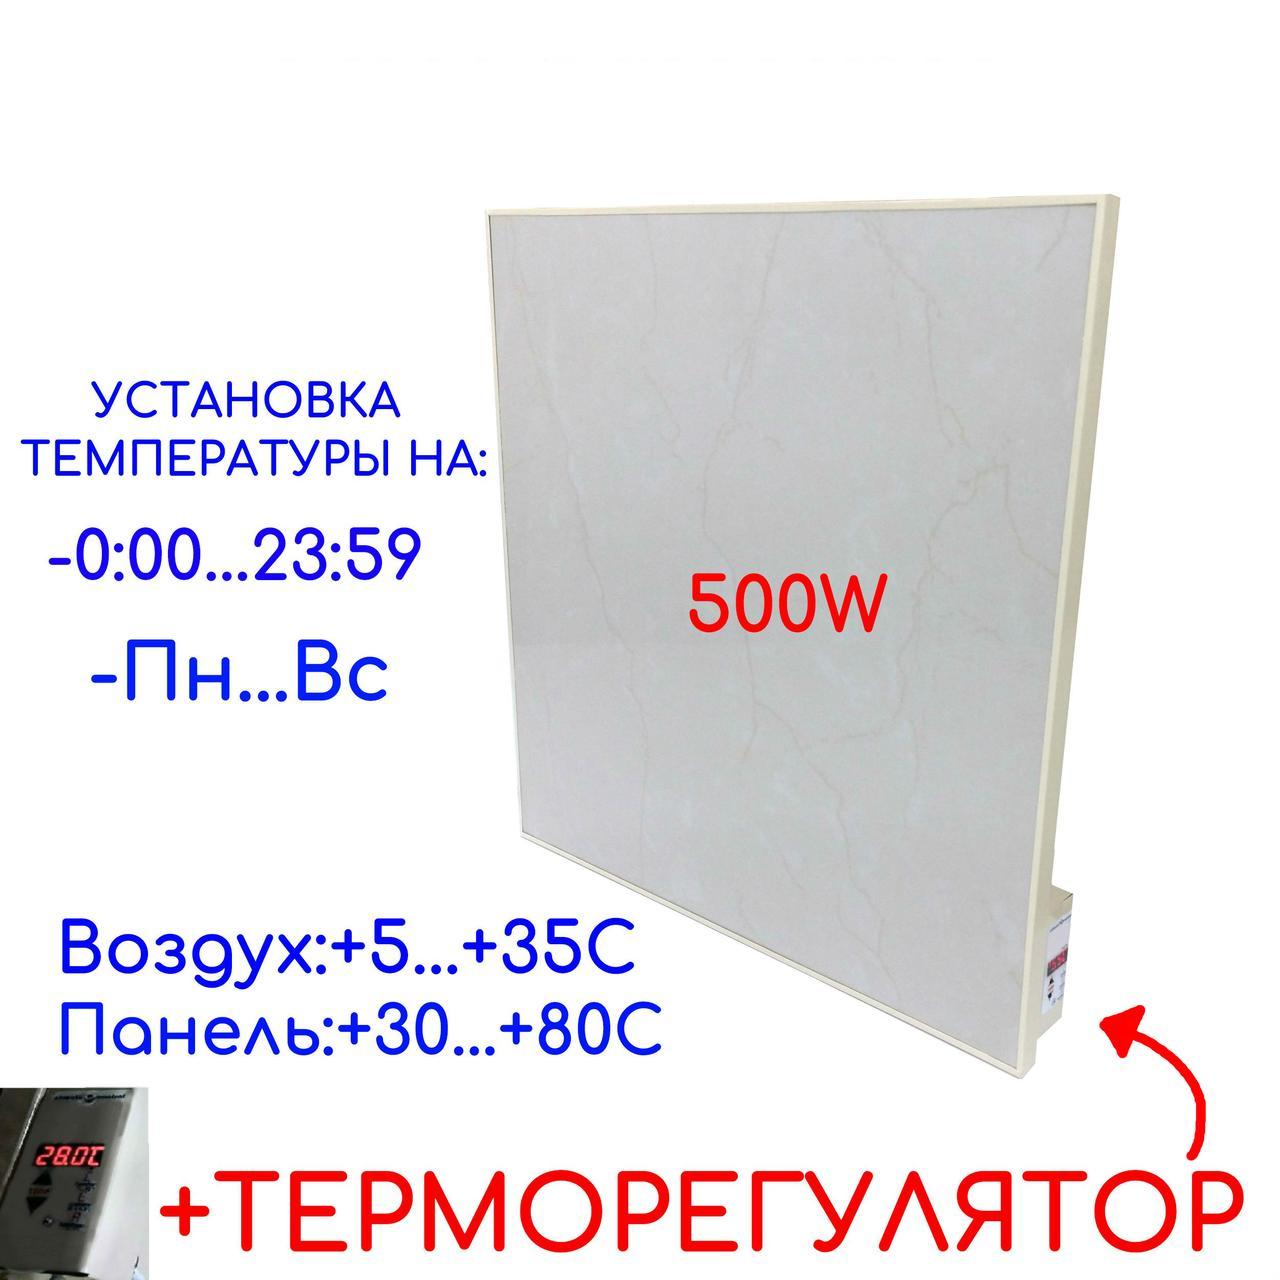 УКРОП К500ВТ умный обогреватель с цифровым терморегулятором инфракрасная панель